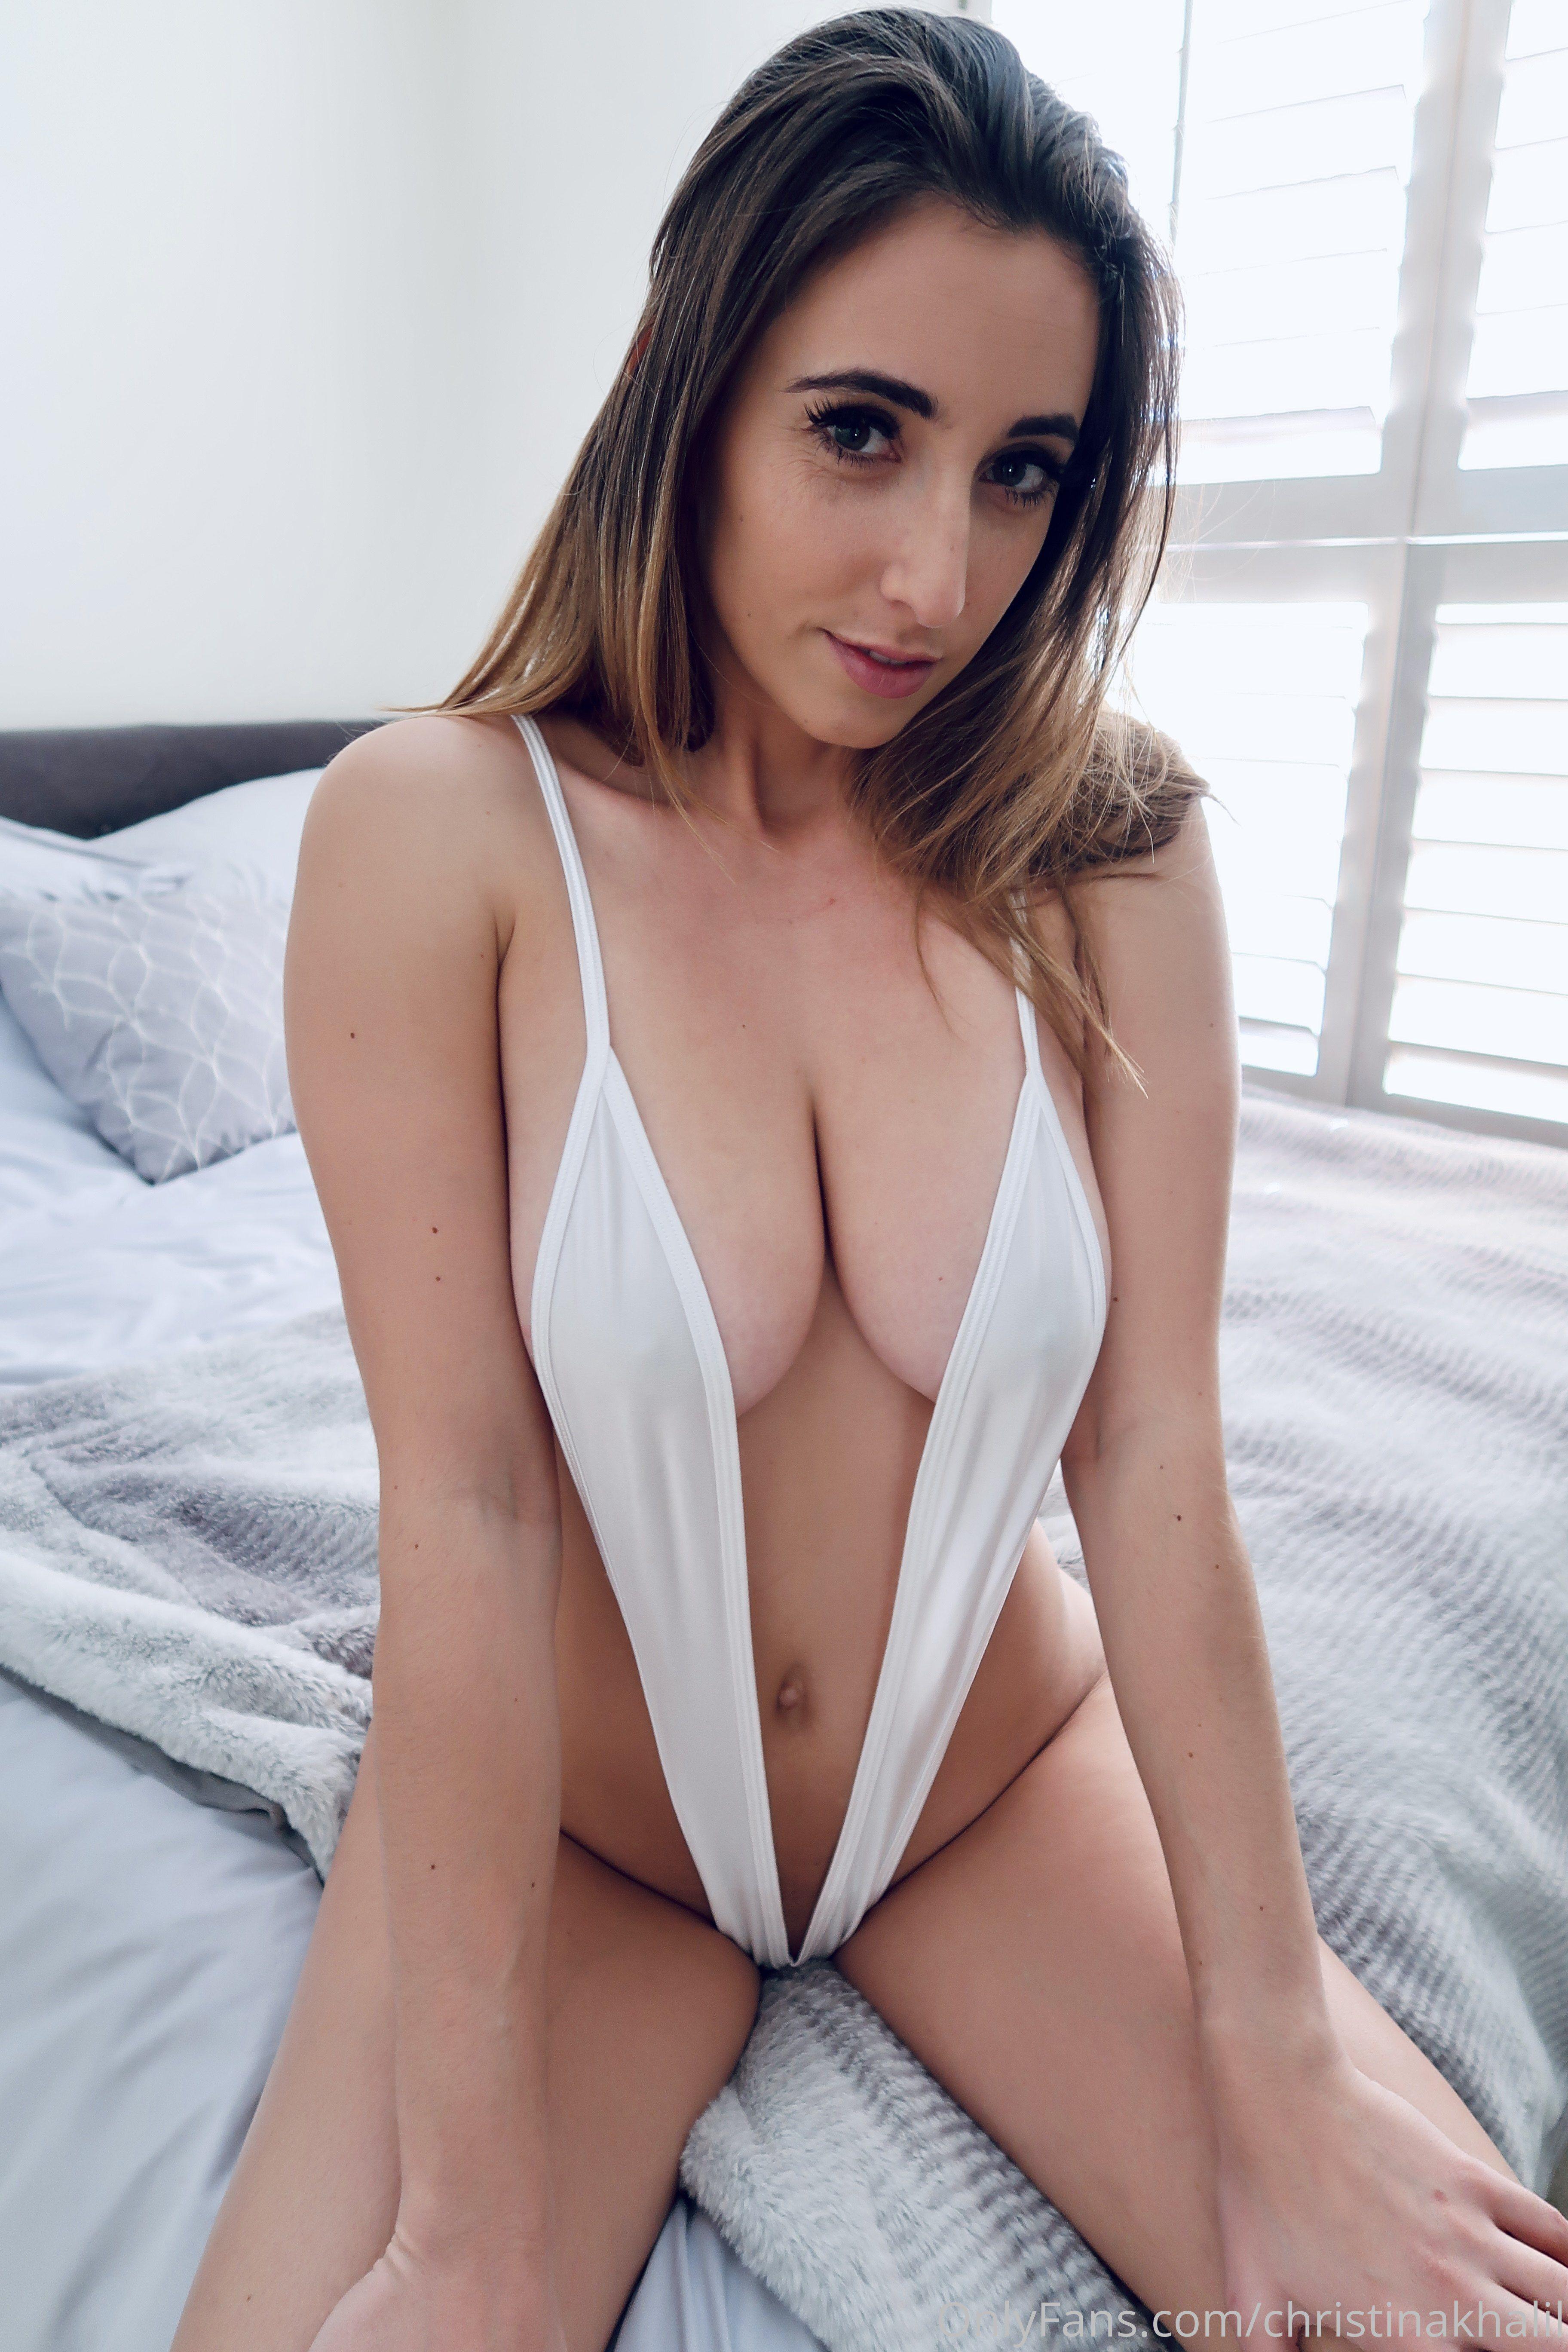 Christina Khalil White Hot Ck White Sling Bikini 0008